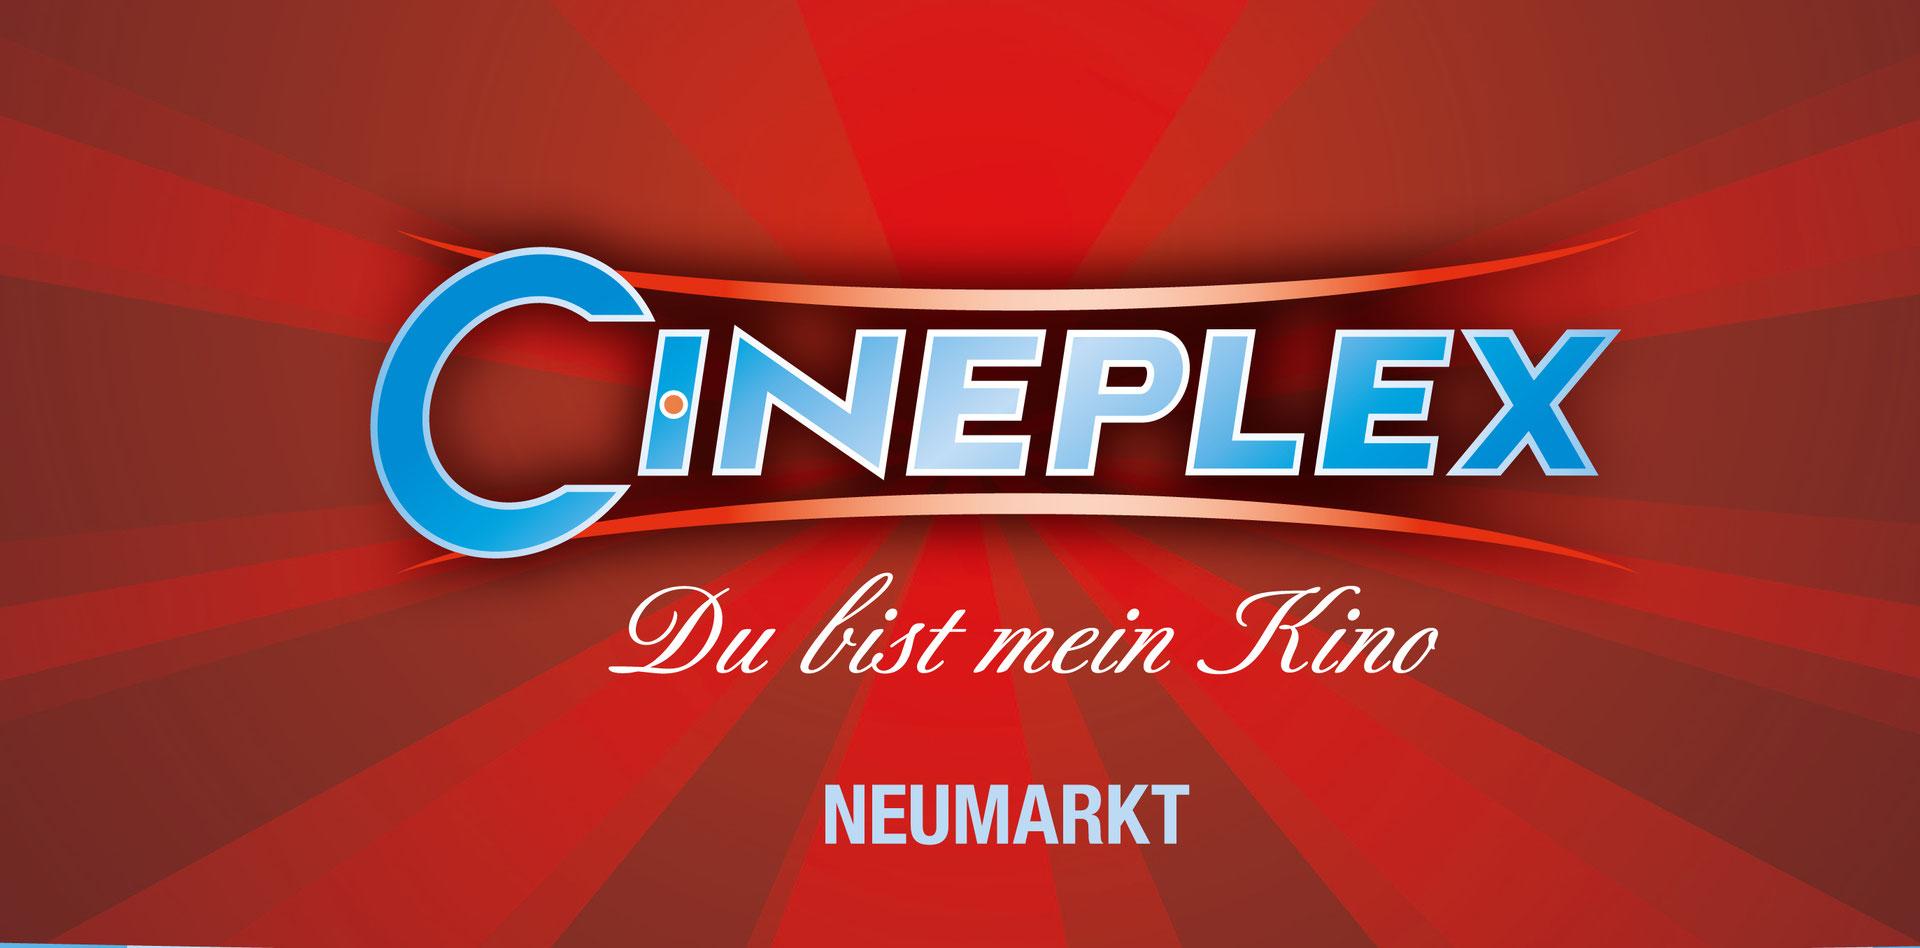 Cineplex Neumarkt Programm